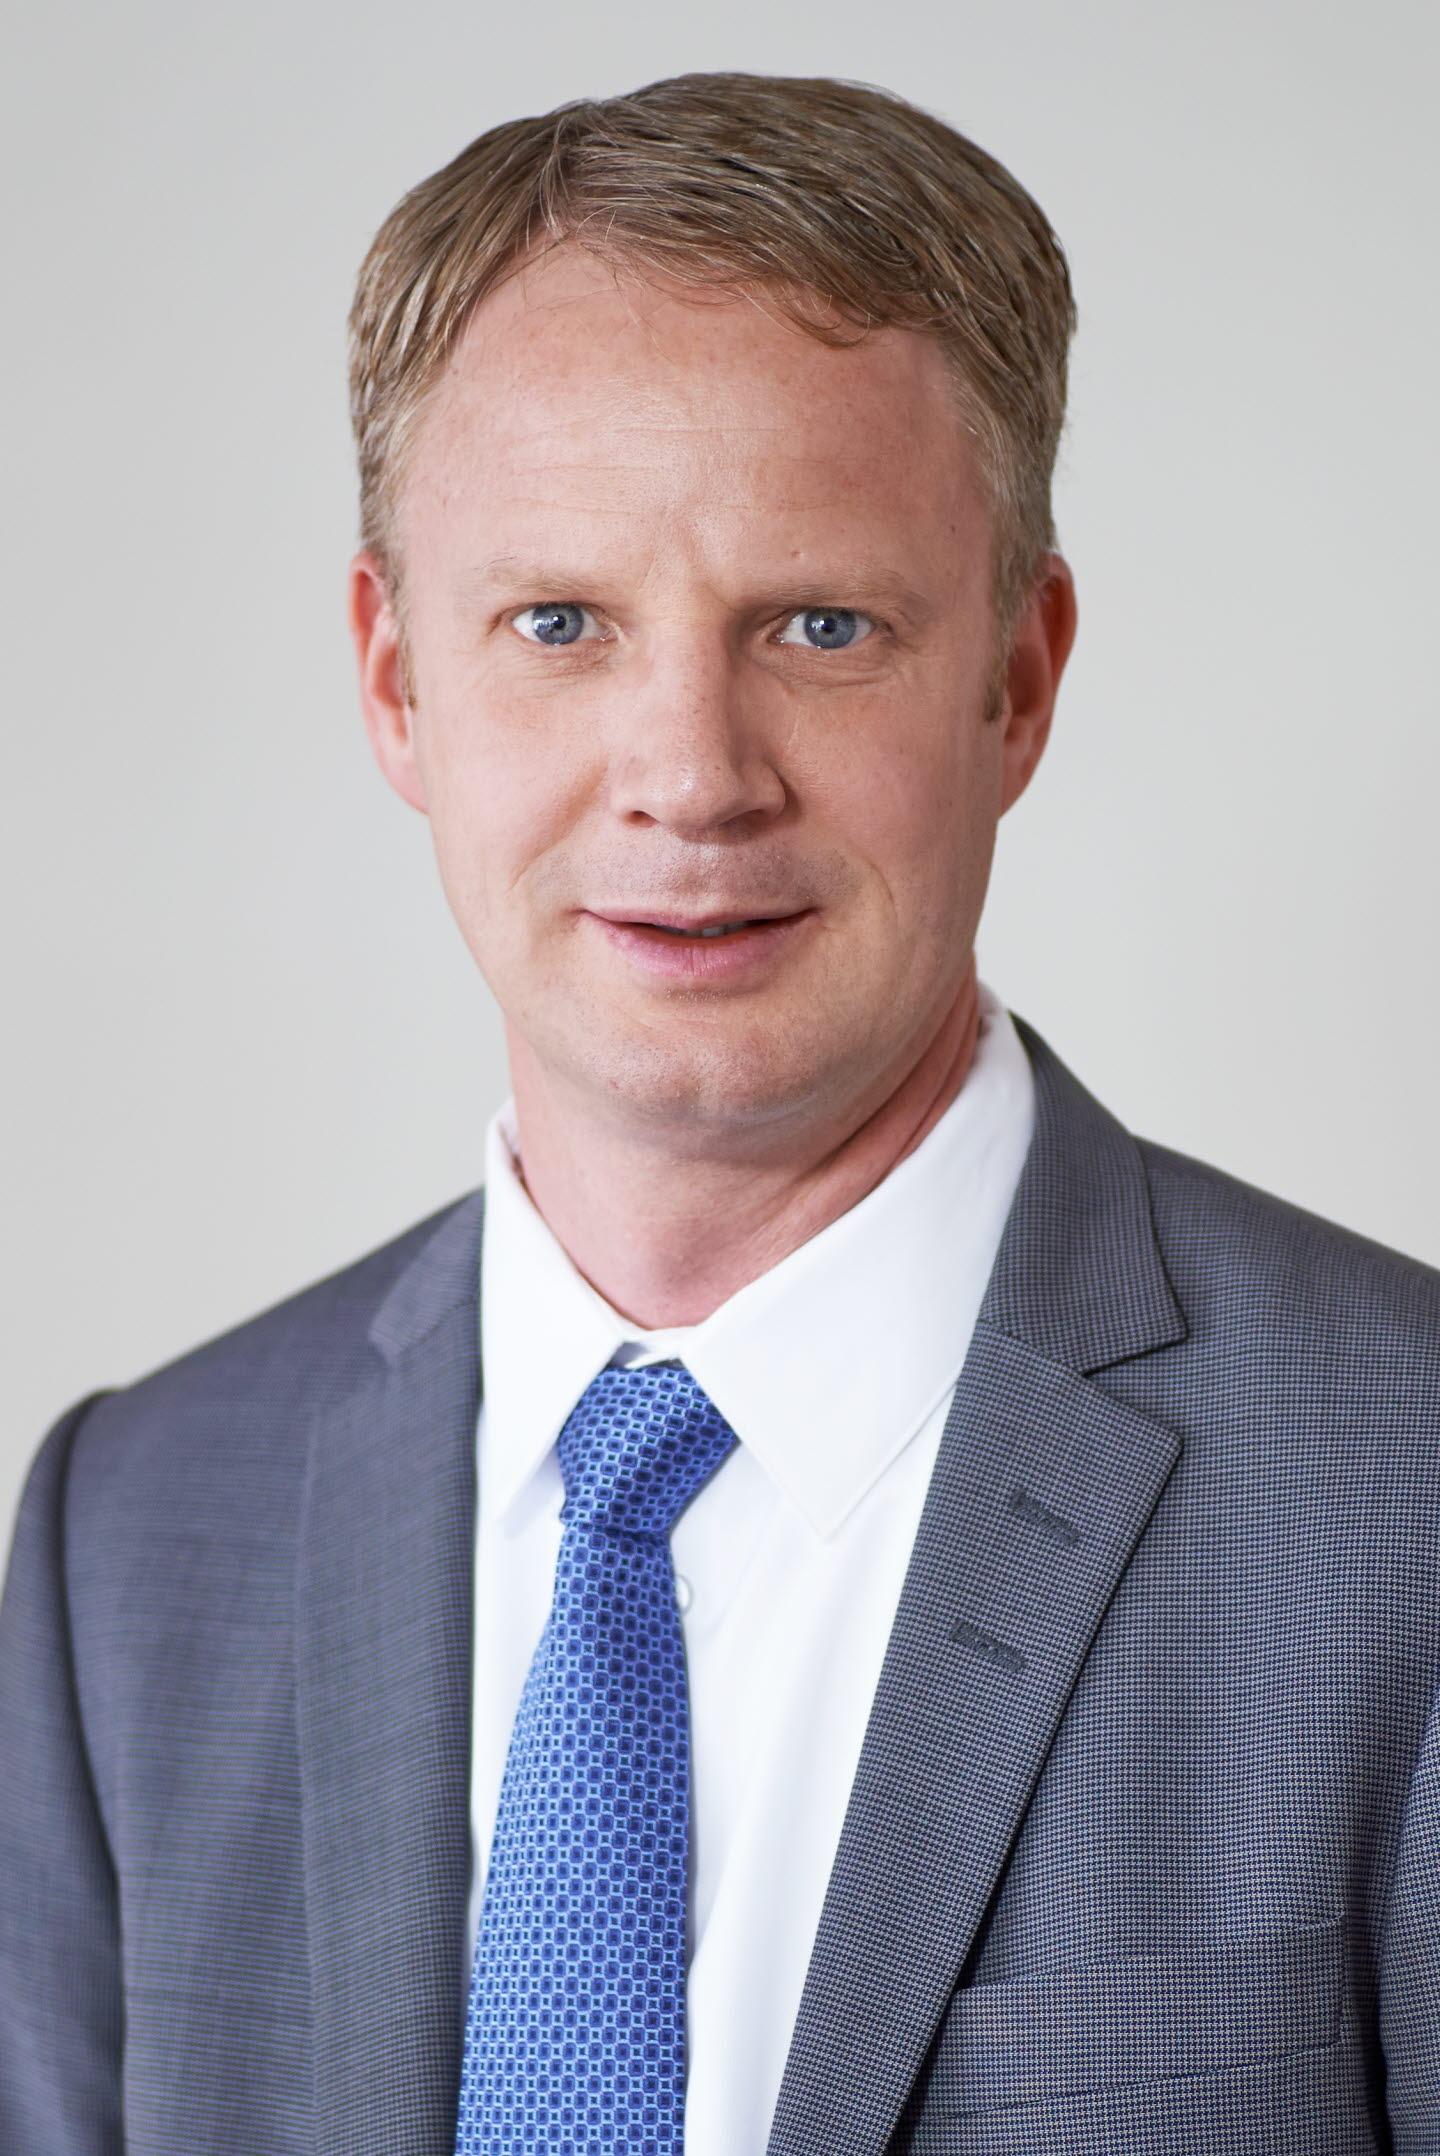 Stefan Sjöström. Massamarknad.